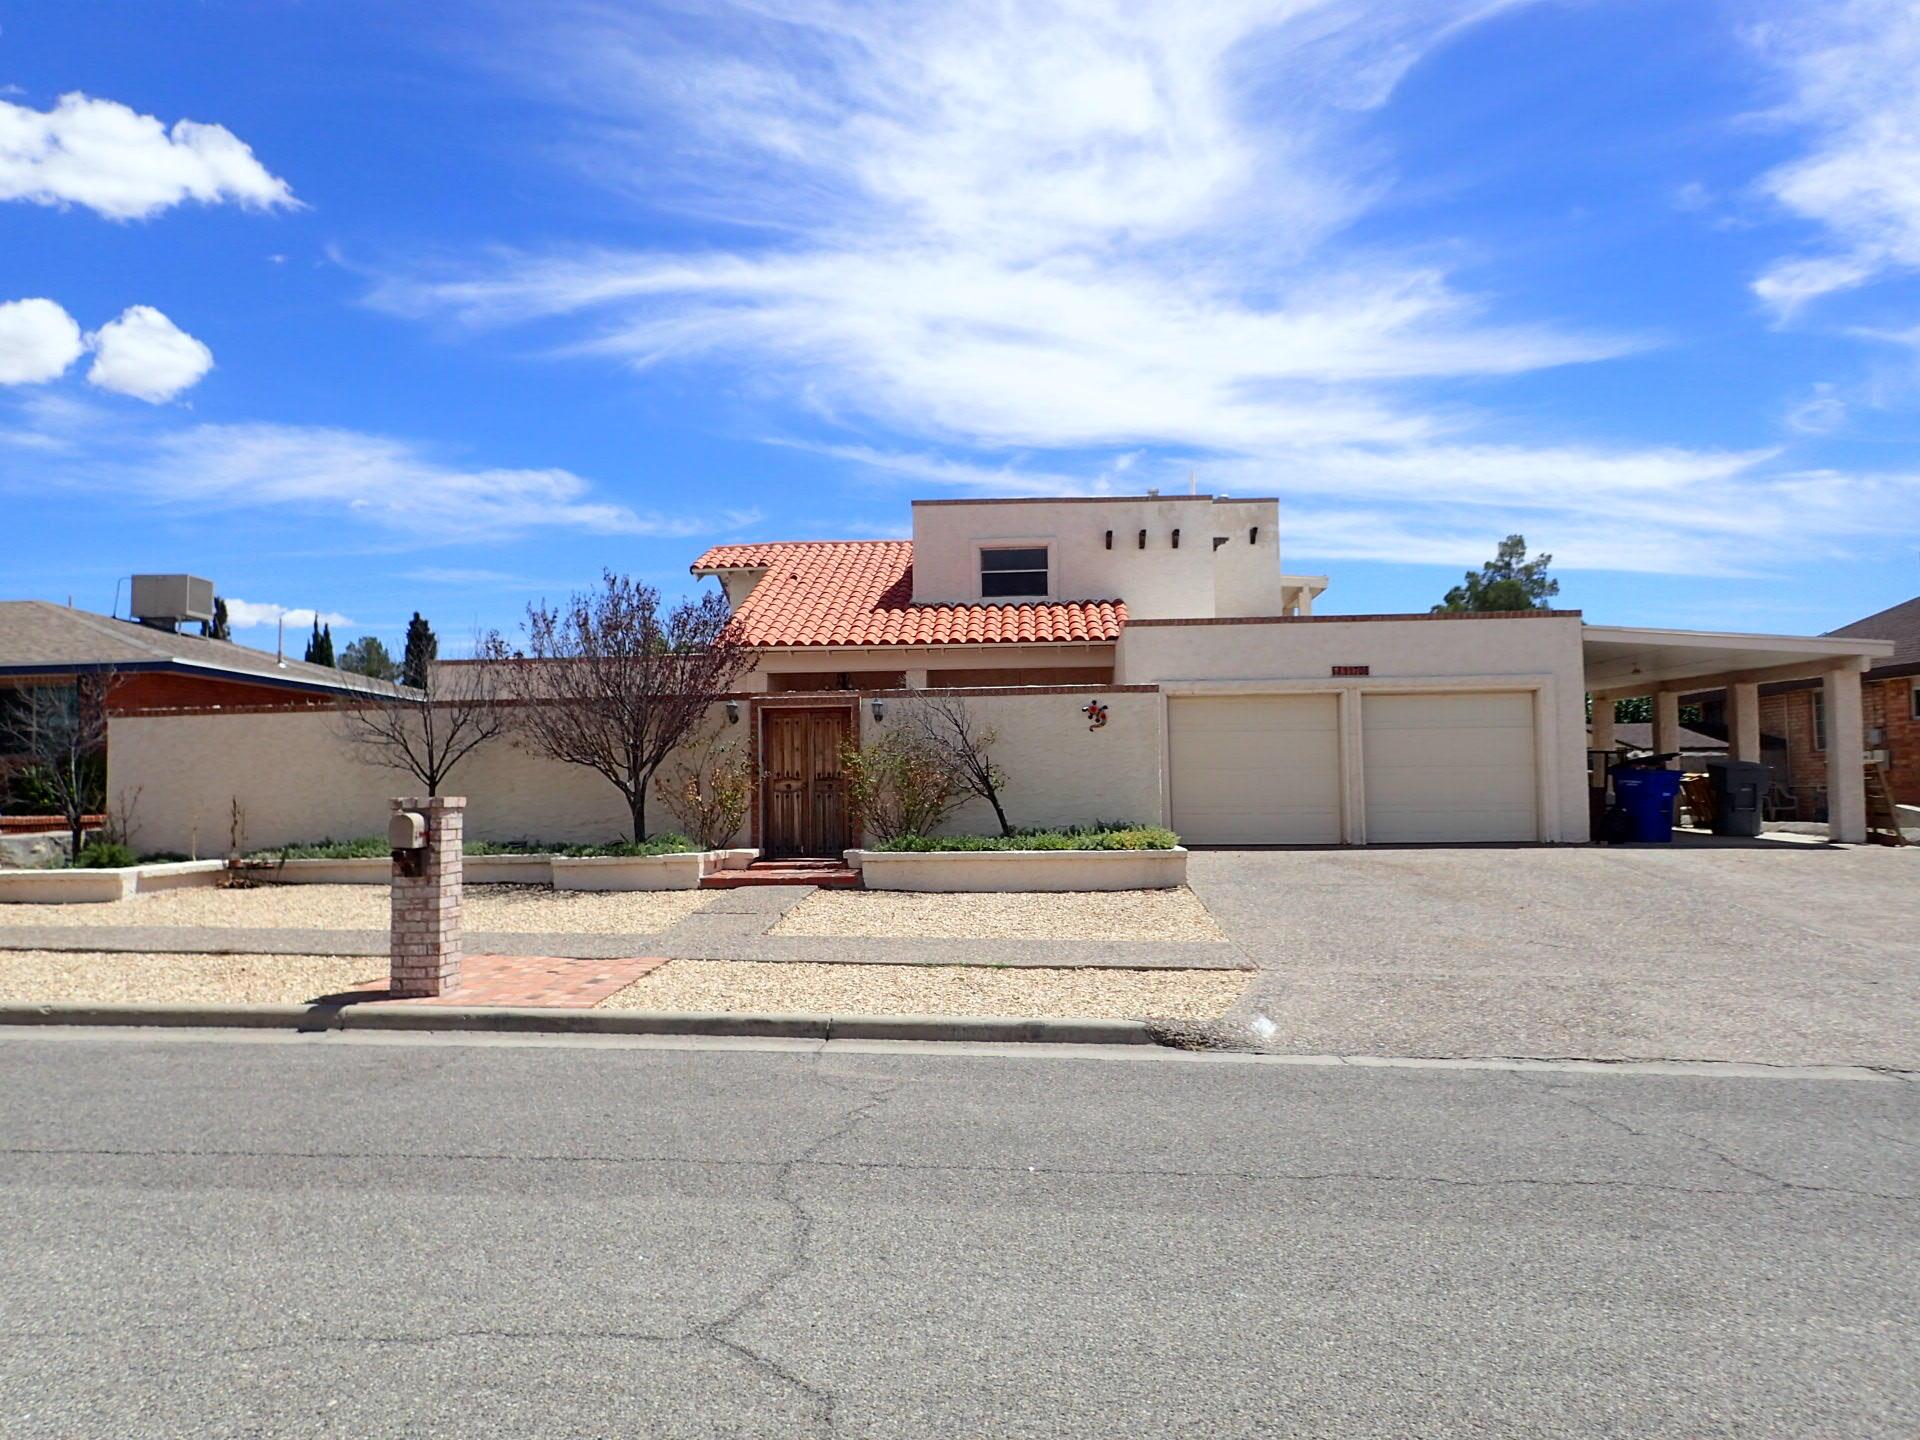 11708 CASA VIEW, El Paso, Texas 79936, 3 Bedrooms Bedrooms, ,3 BathroomsBathrooms,Residential Rental,For Rent,CASA VIEW,832737